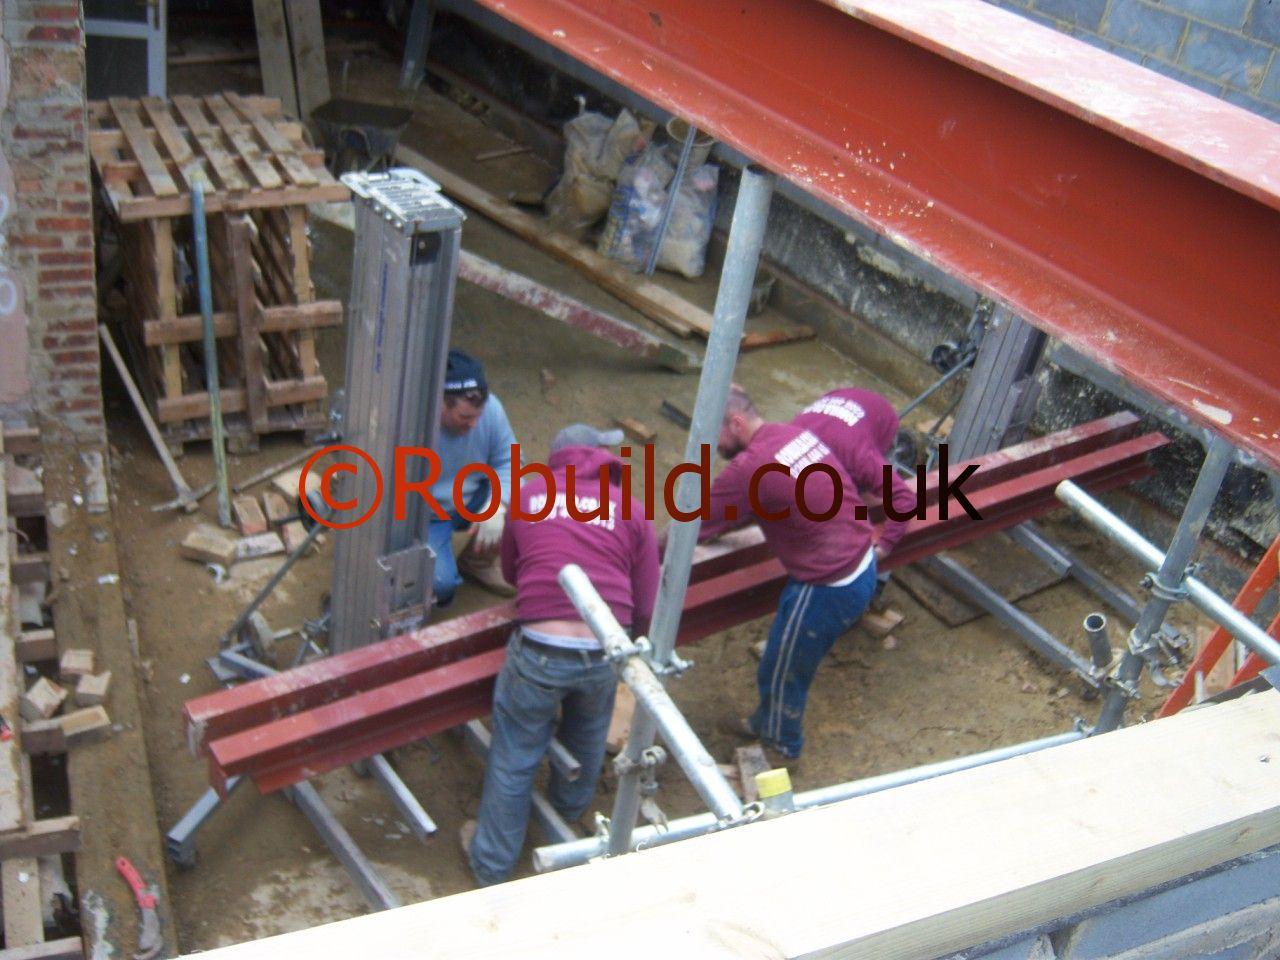 lifting metal beams